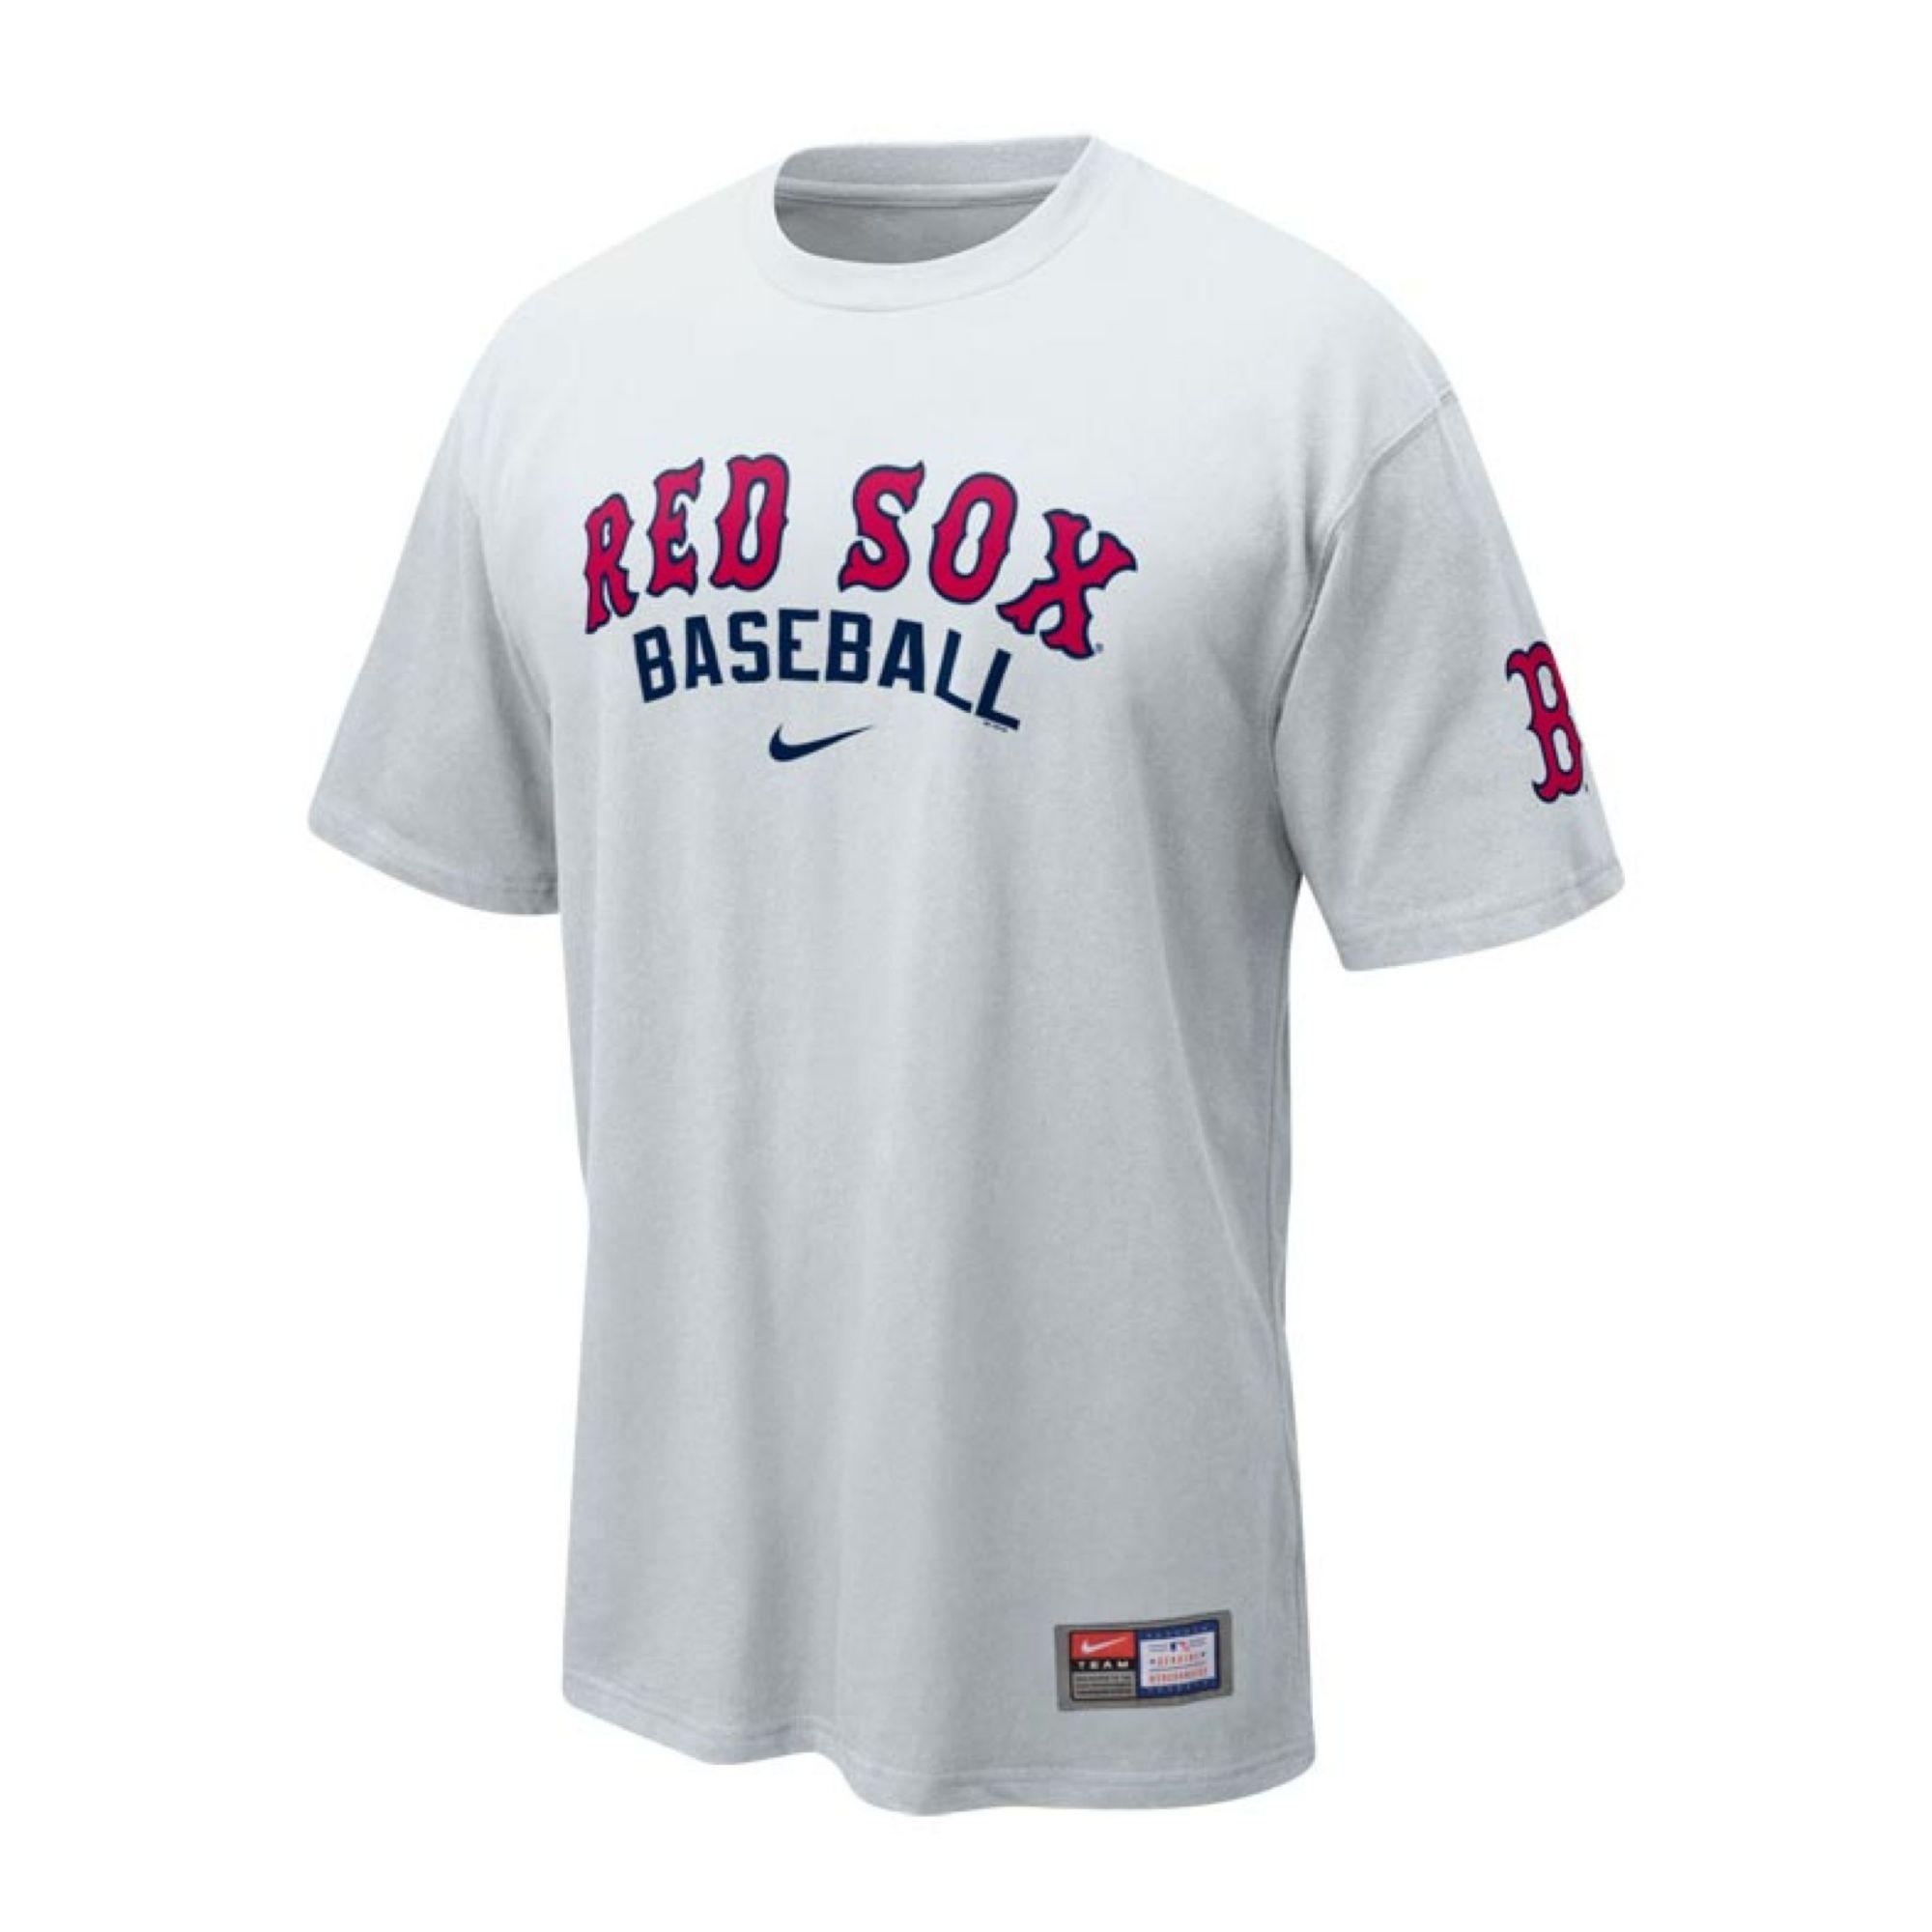 c8c63b1bf38 Red Sox T Shirts Cheap - BCD Tofu House